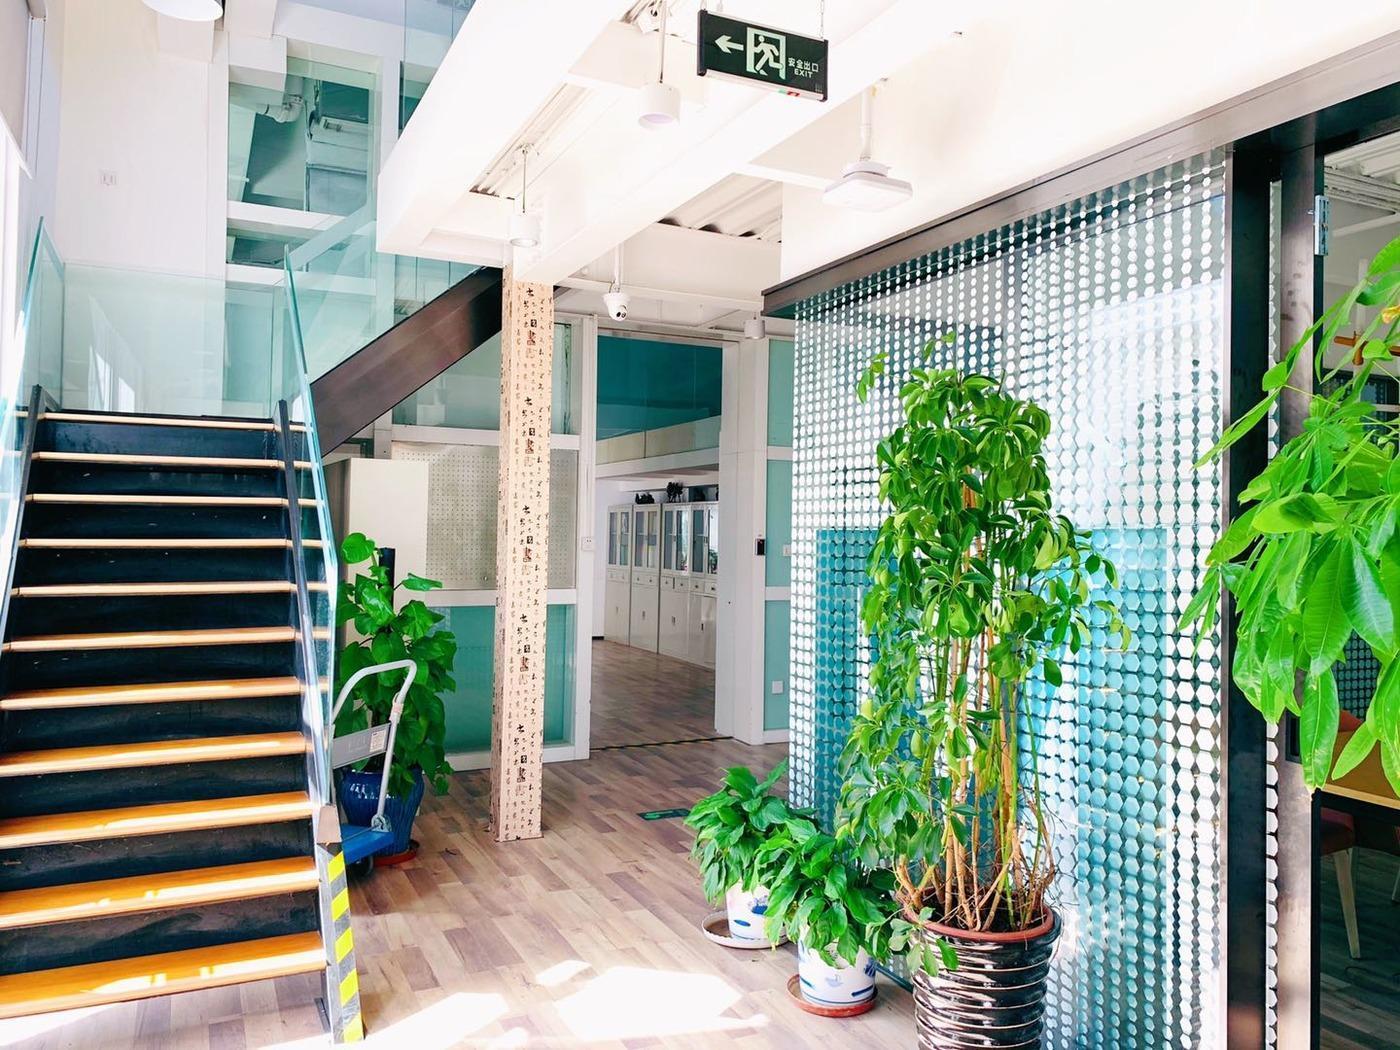 推推99房產網北京競園國際影像產業基地寫字樓房源出租房源圖片